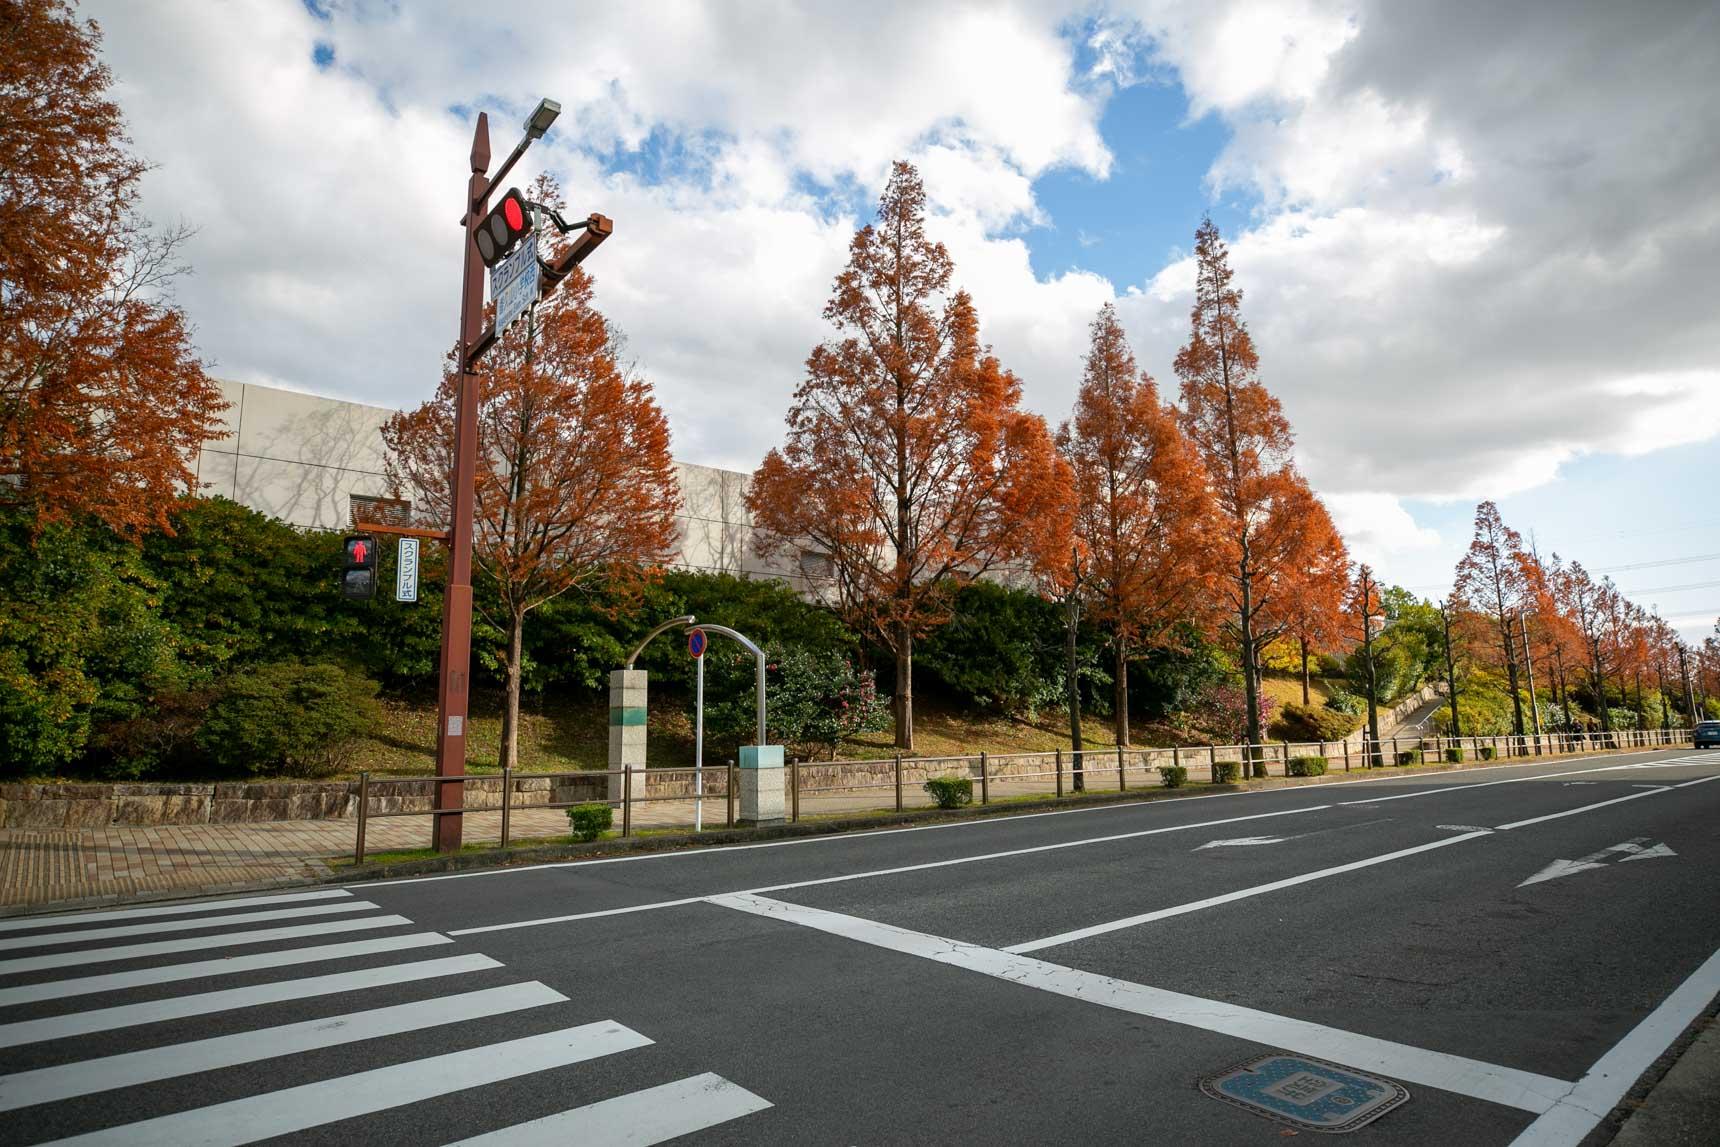 ゆったりとつくられているニュータウン内の街路。街路樹がとても立派で、綺麗ですね。